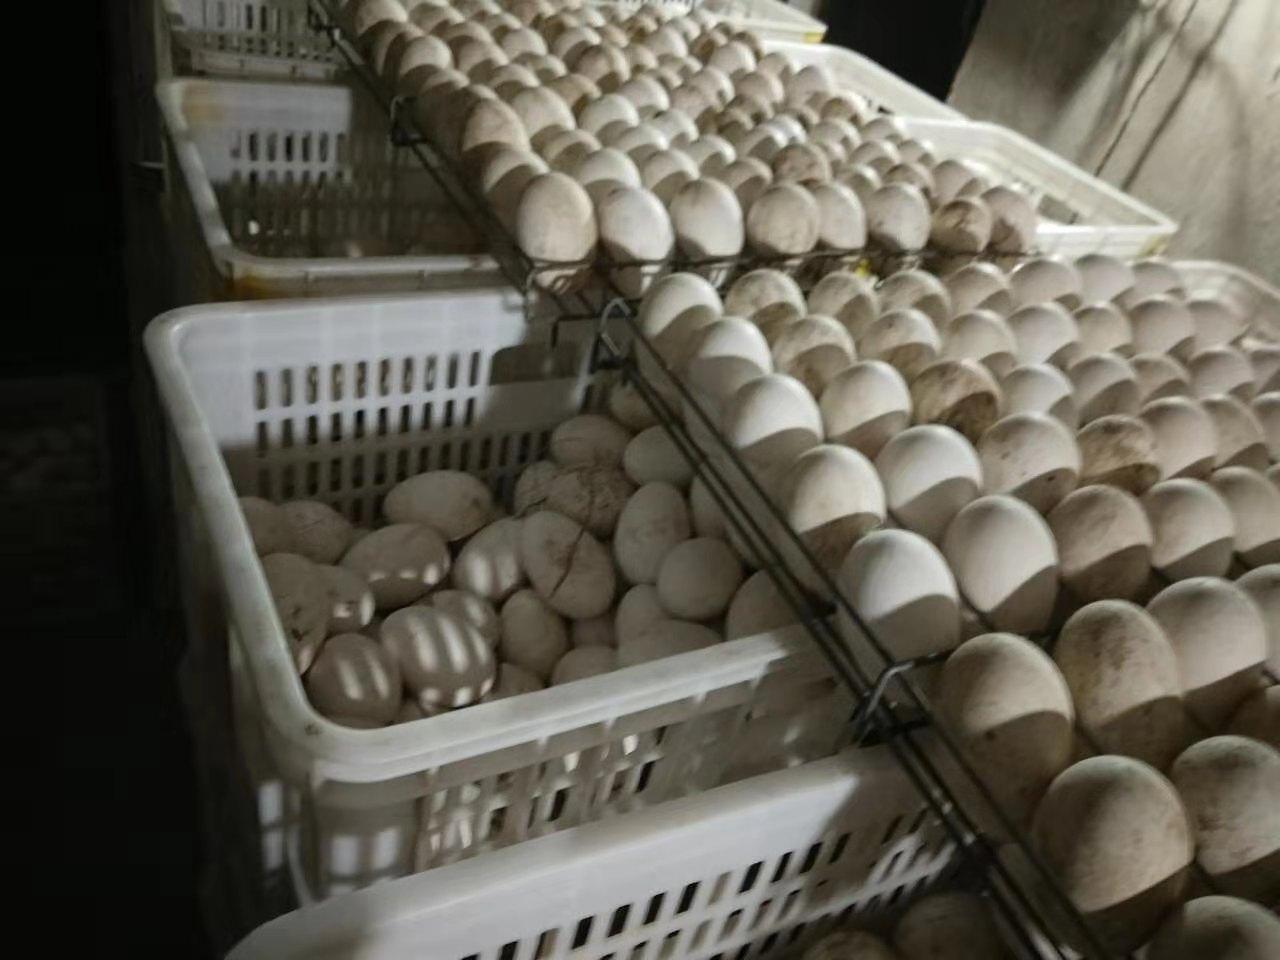 大自然就是那么神奇,想不想知道种蛋是如何孵化成鹅苗的?